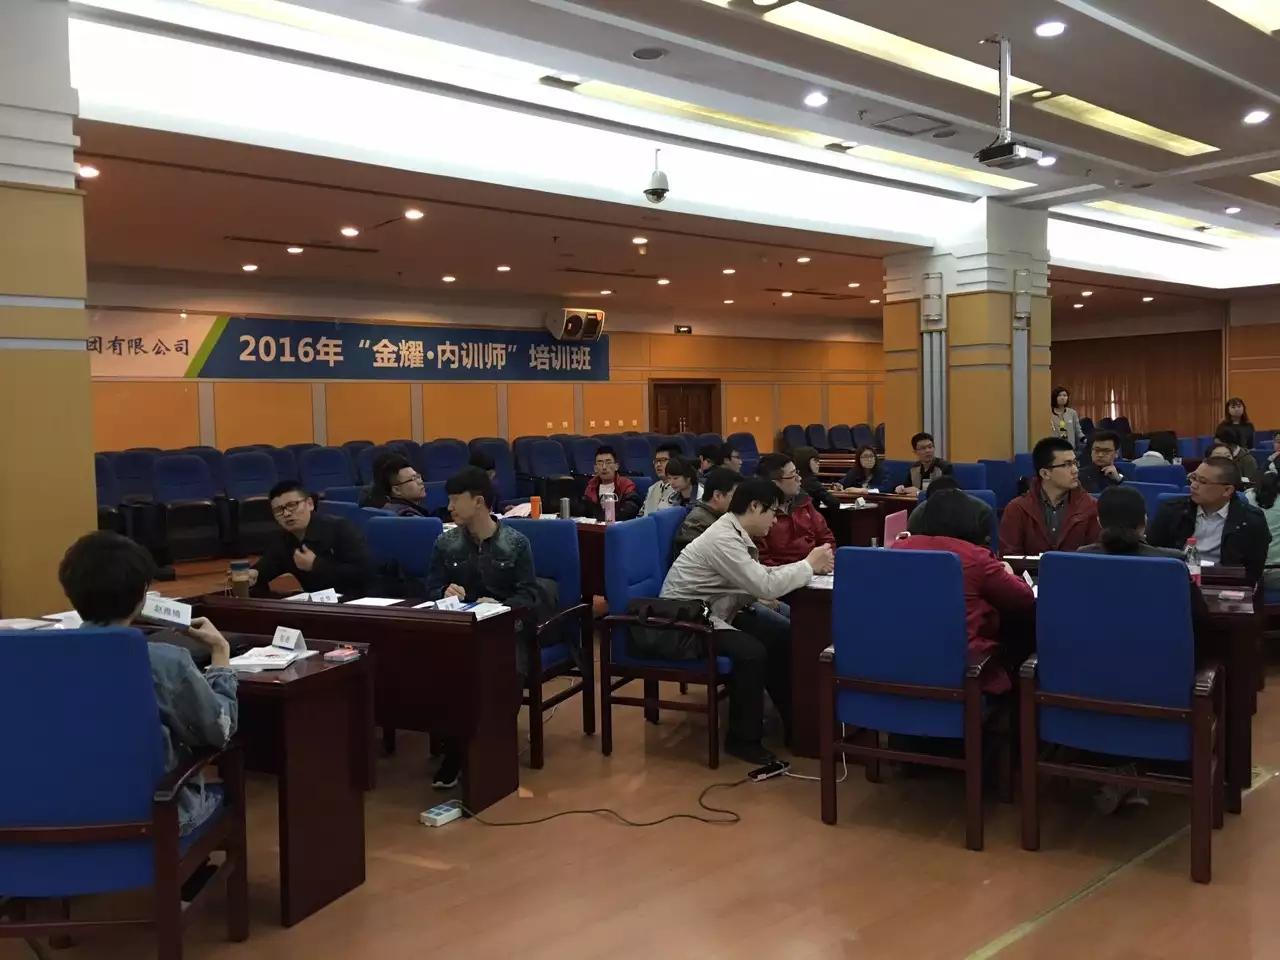 金耀集团《FAST高效课程开发》第一期第一阶 培训师邱伟